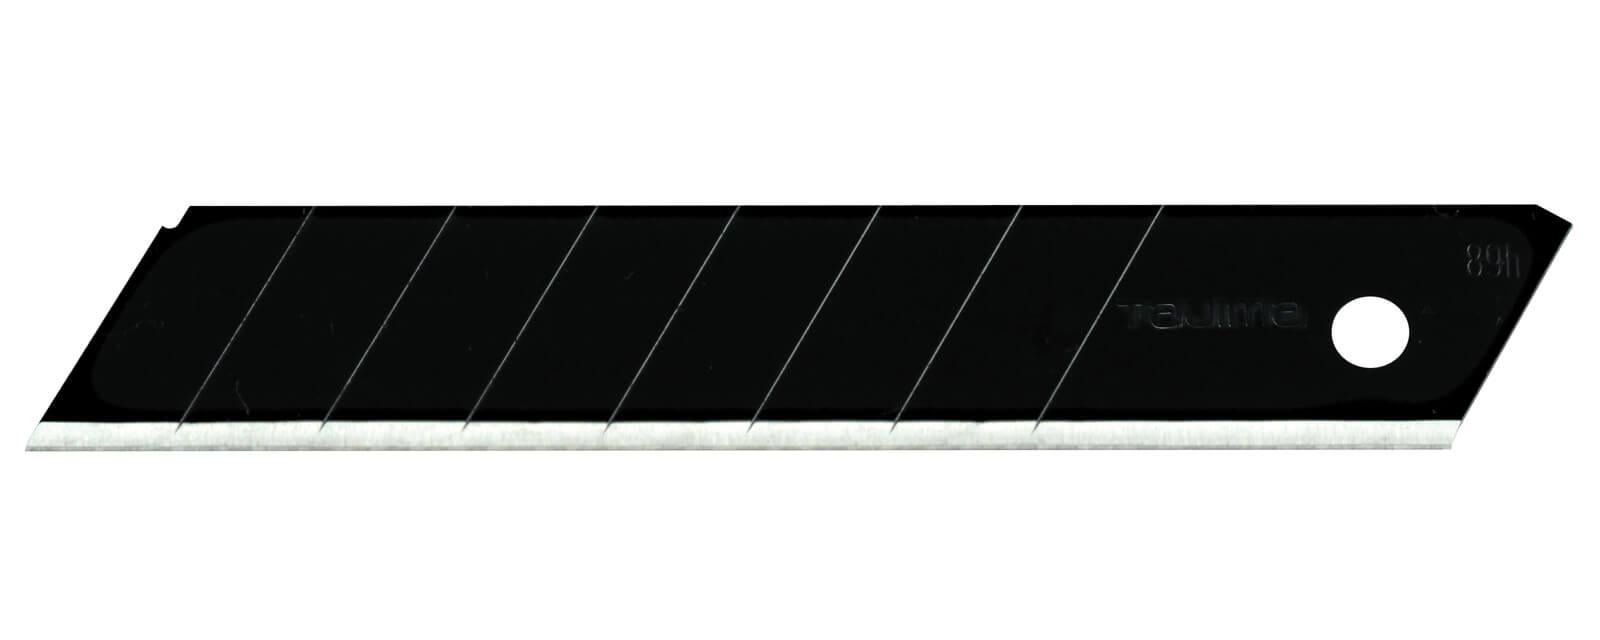 K041-Cuttermesser-Klinge-18mm-Tajima-LCB-50RE-black-CURT-tools_1600